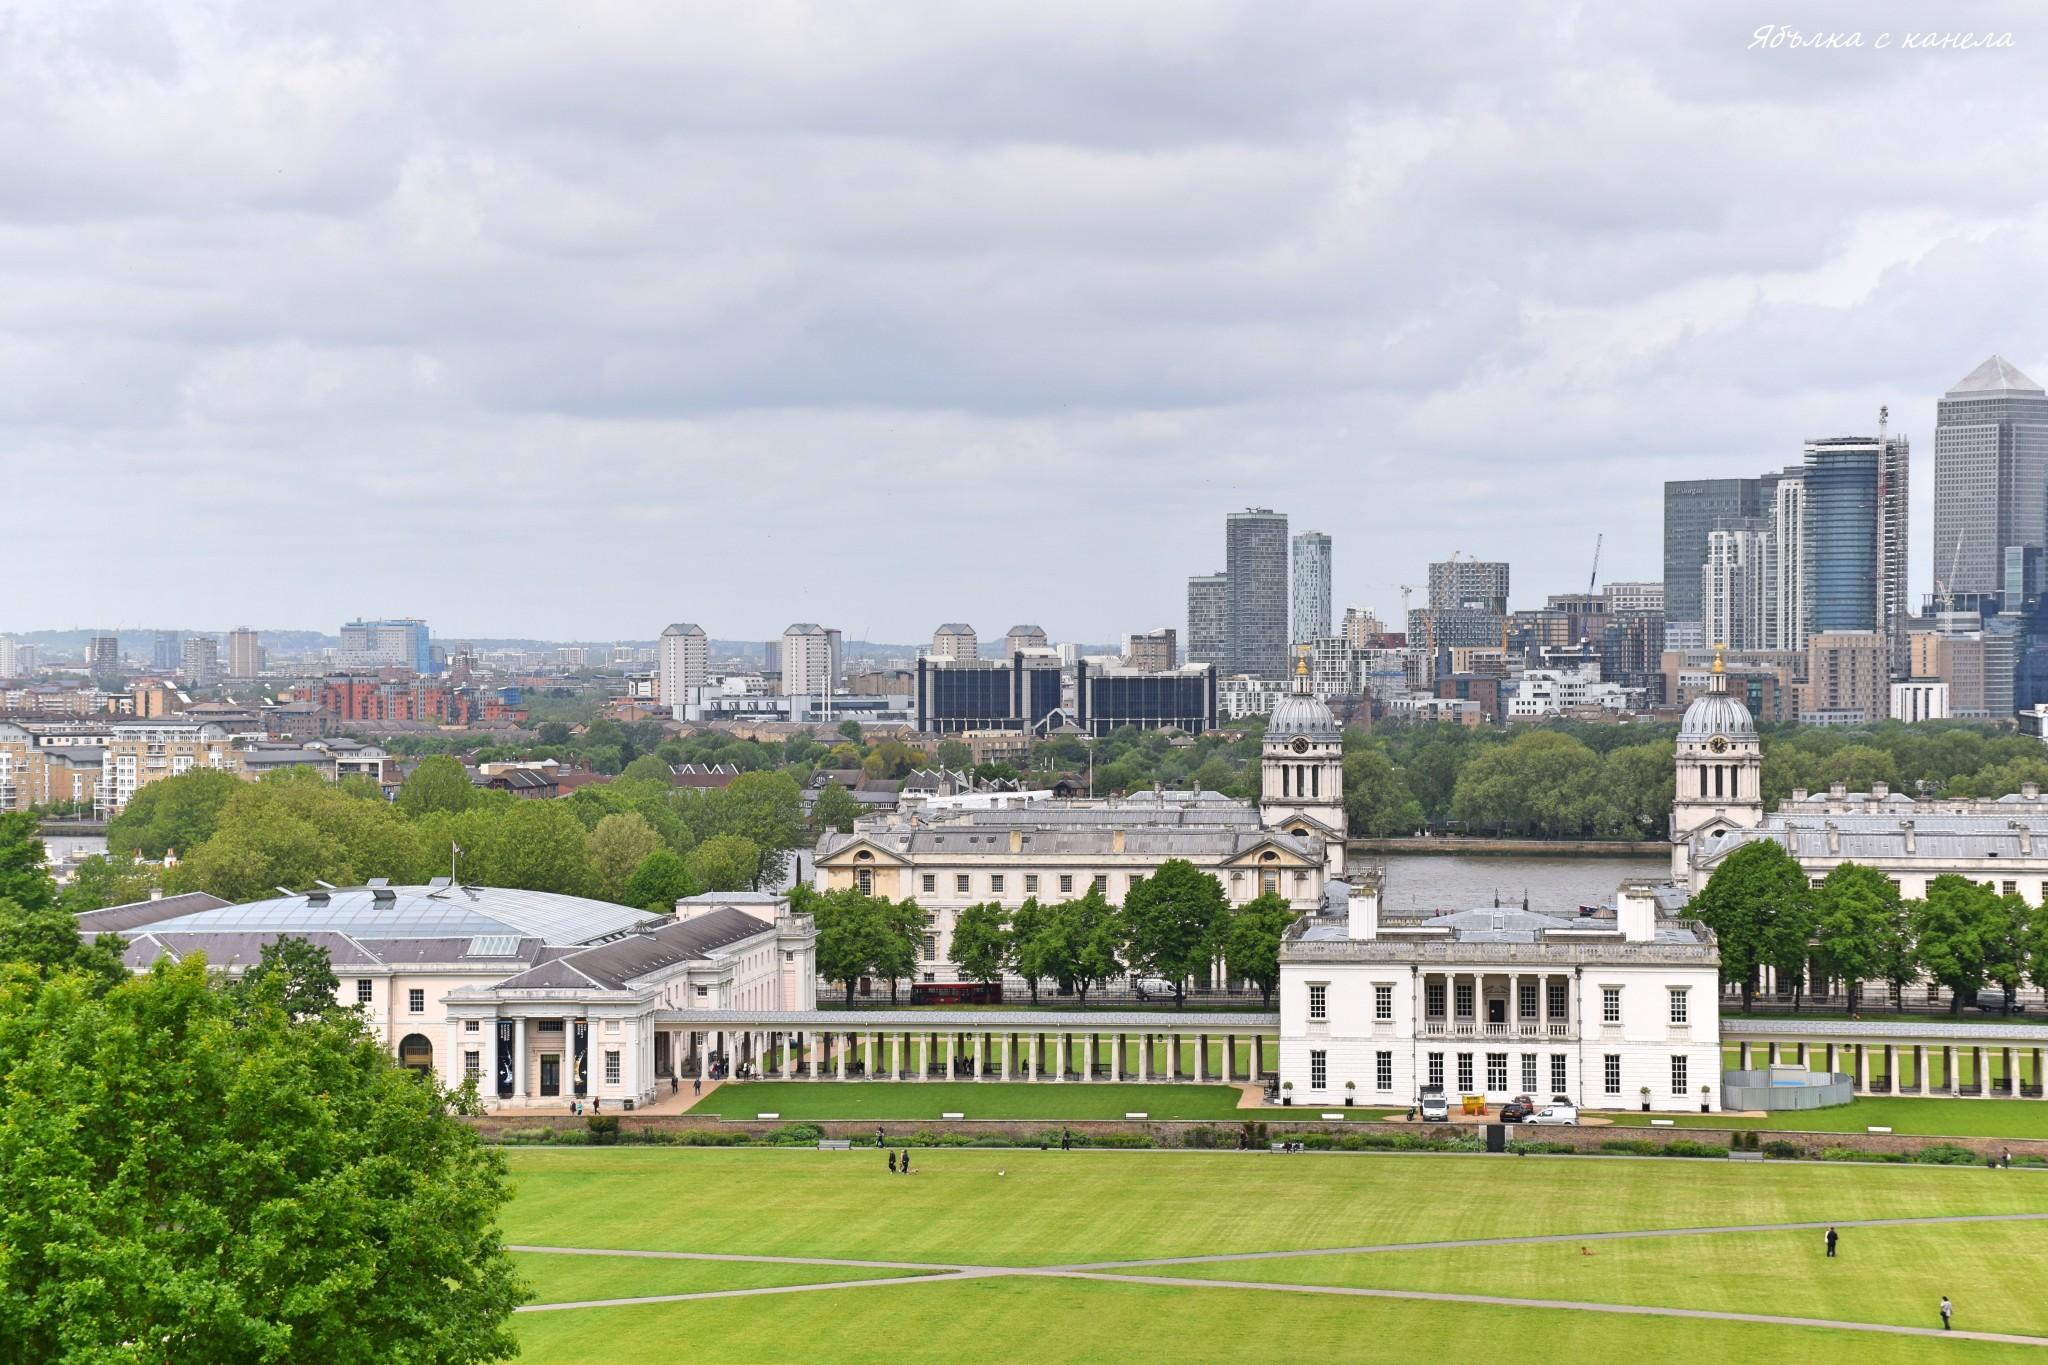 London 51